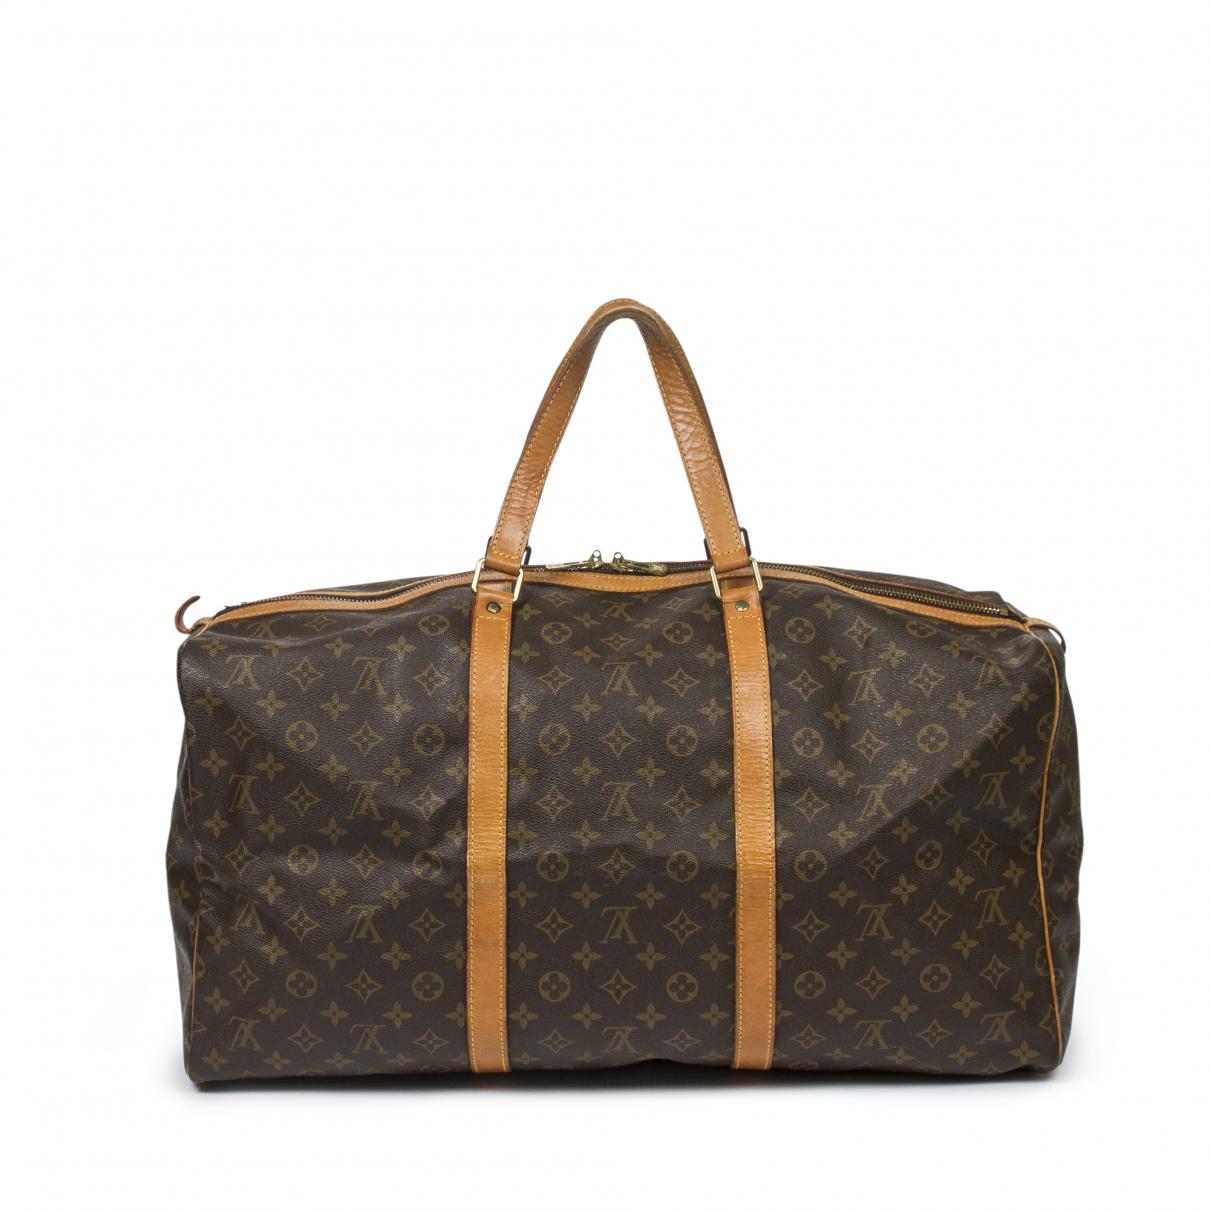 Louis Vuitton - Sac de voyage Sac souple  pour femme en cuir - marron